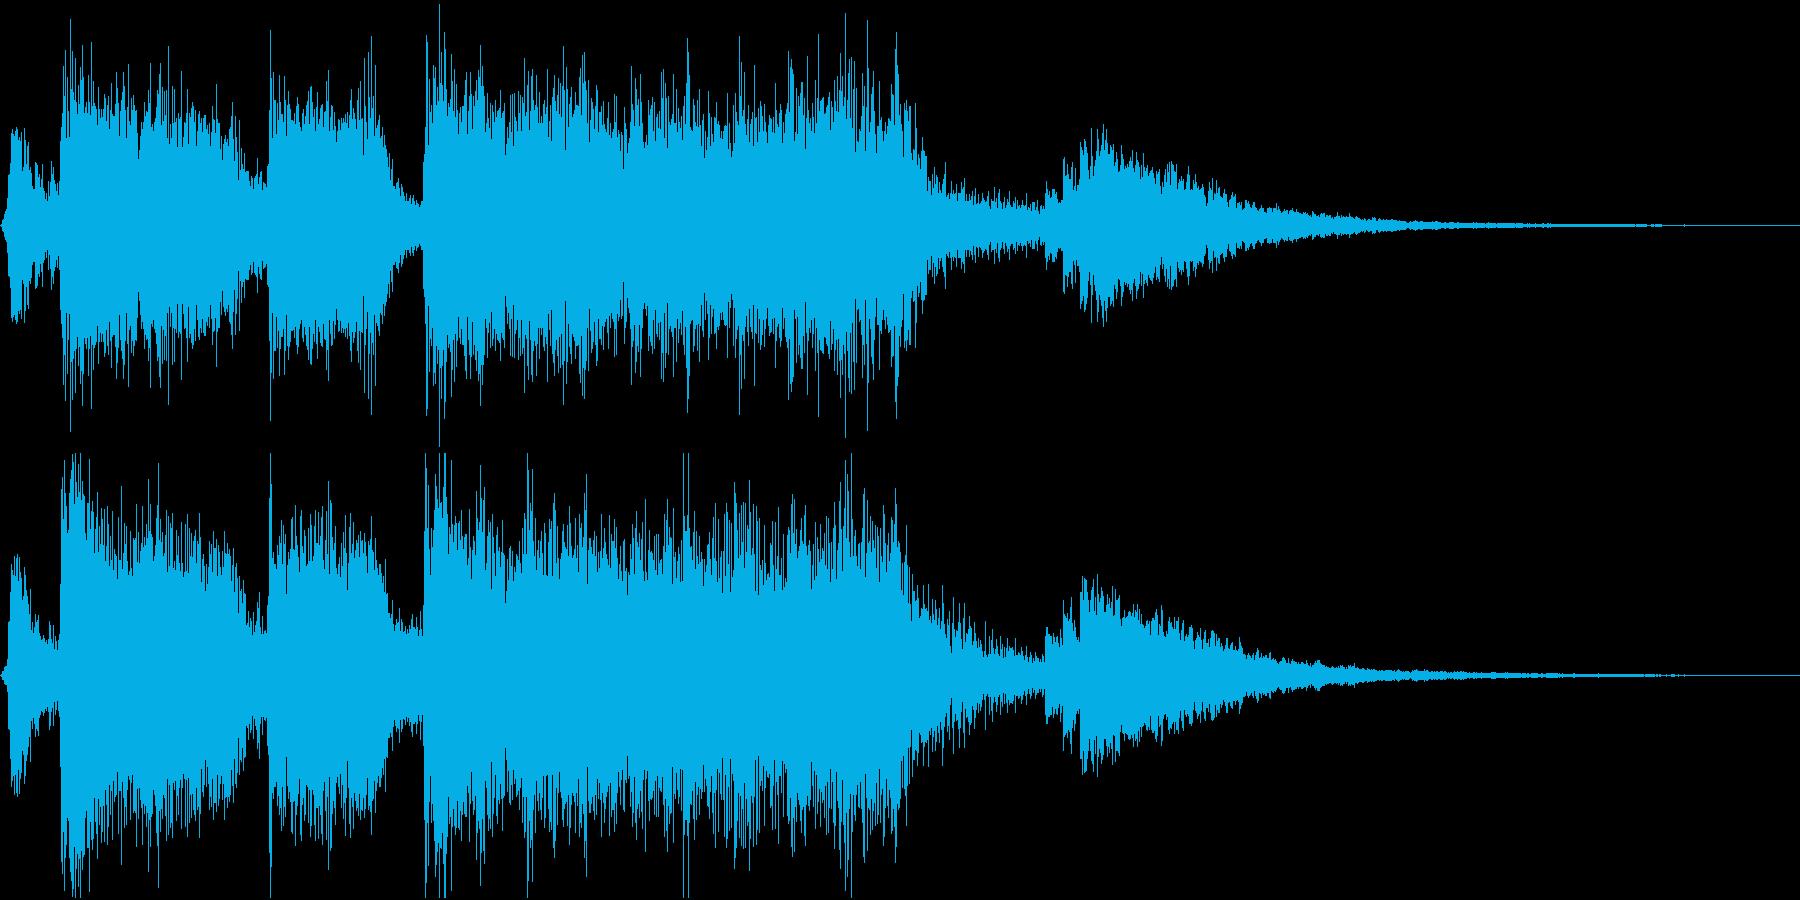 ミッションコンプリート!ファンファーレの再生済みの波形